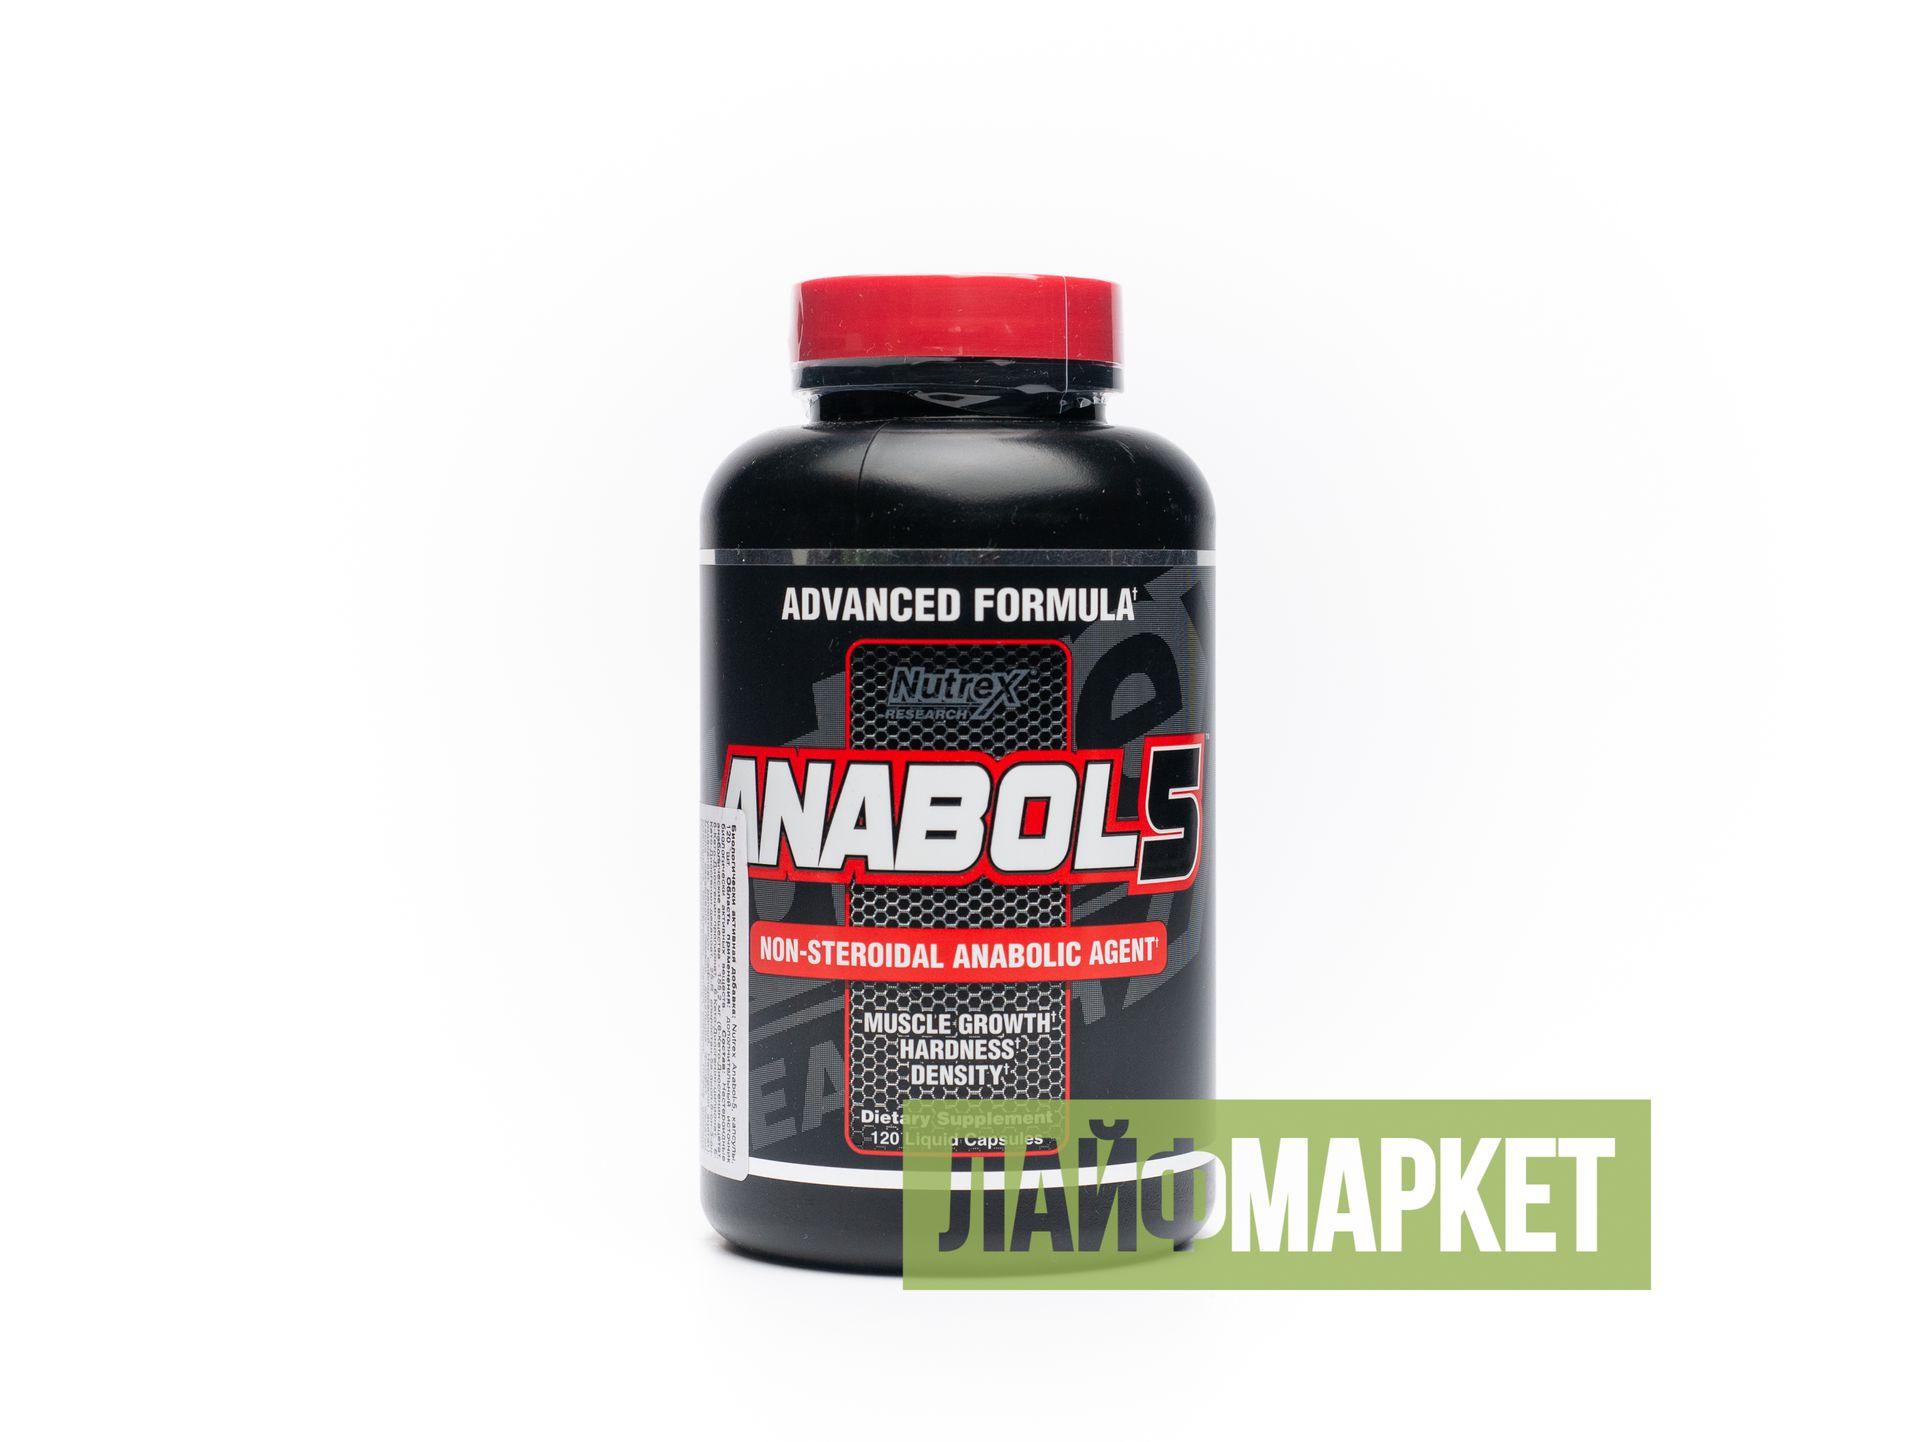 Анабол (anabol ) 5 и 10 – отзывы, курс, побочные эффекты